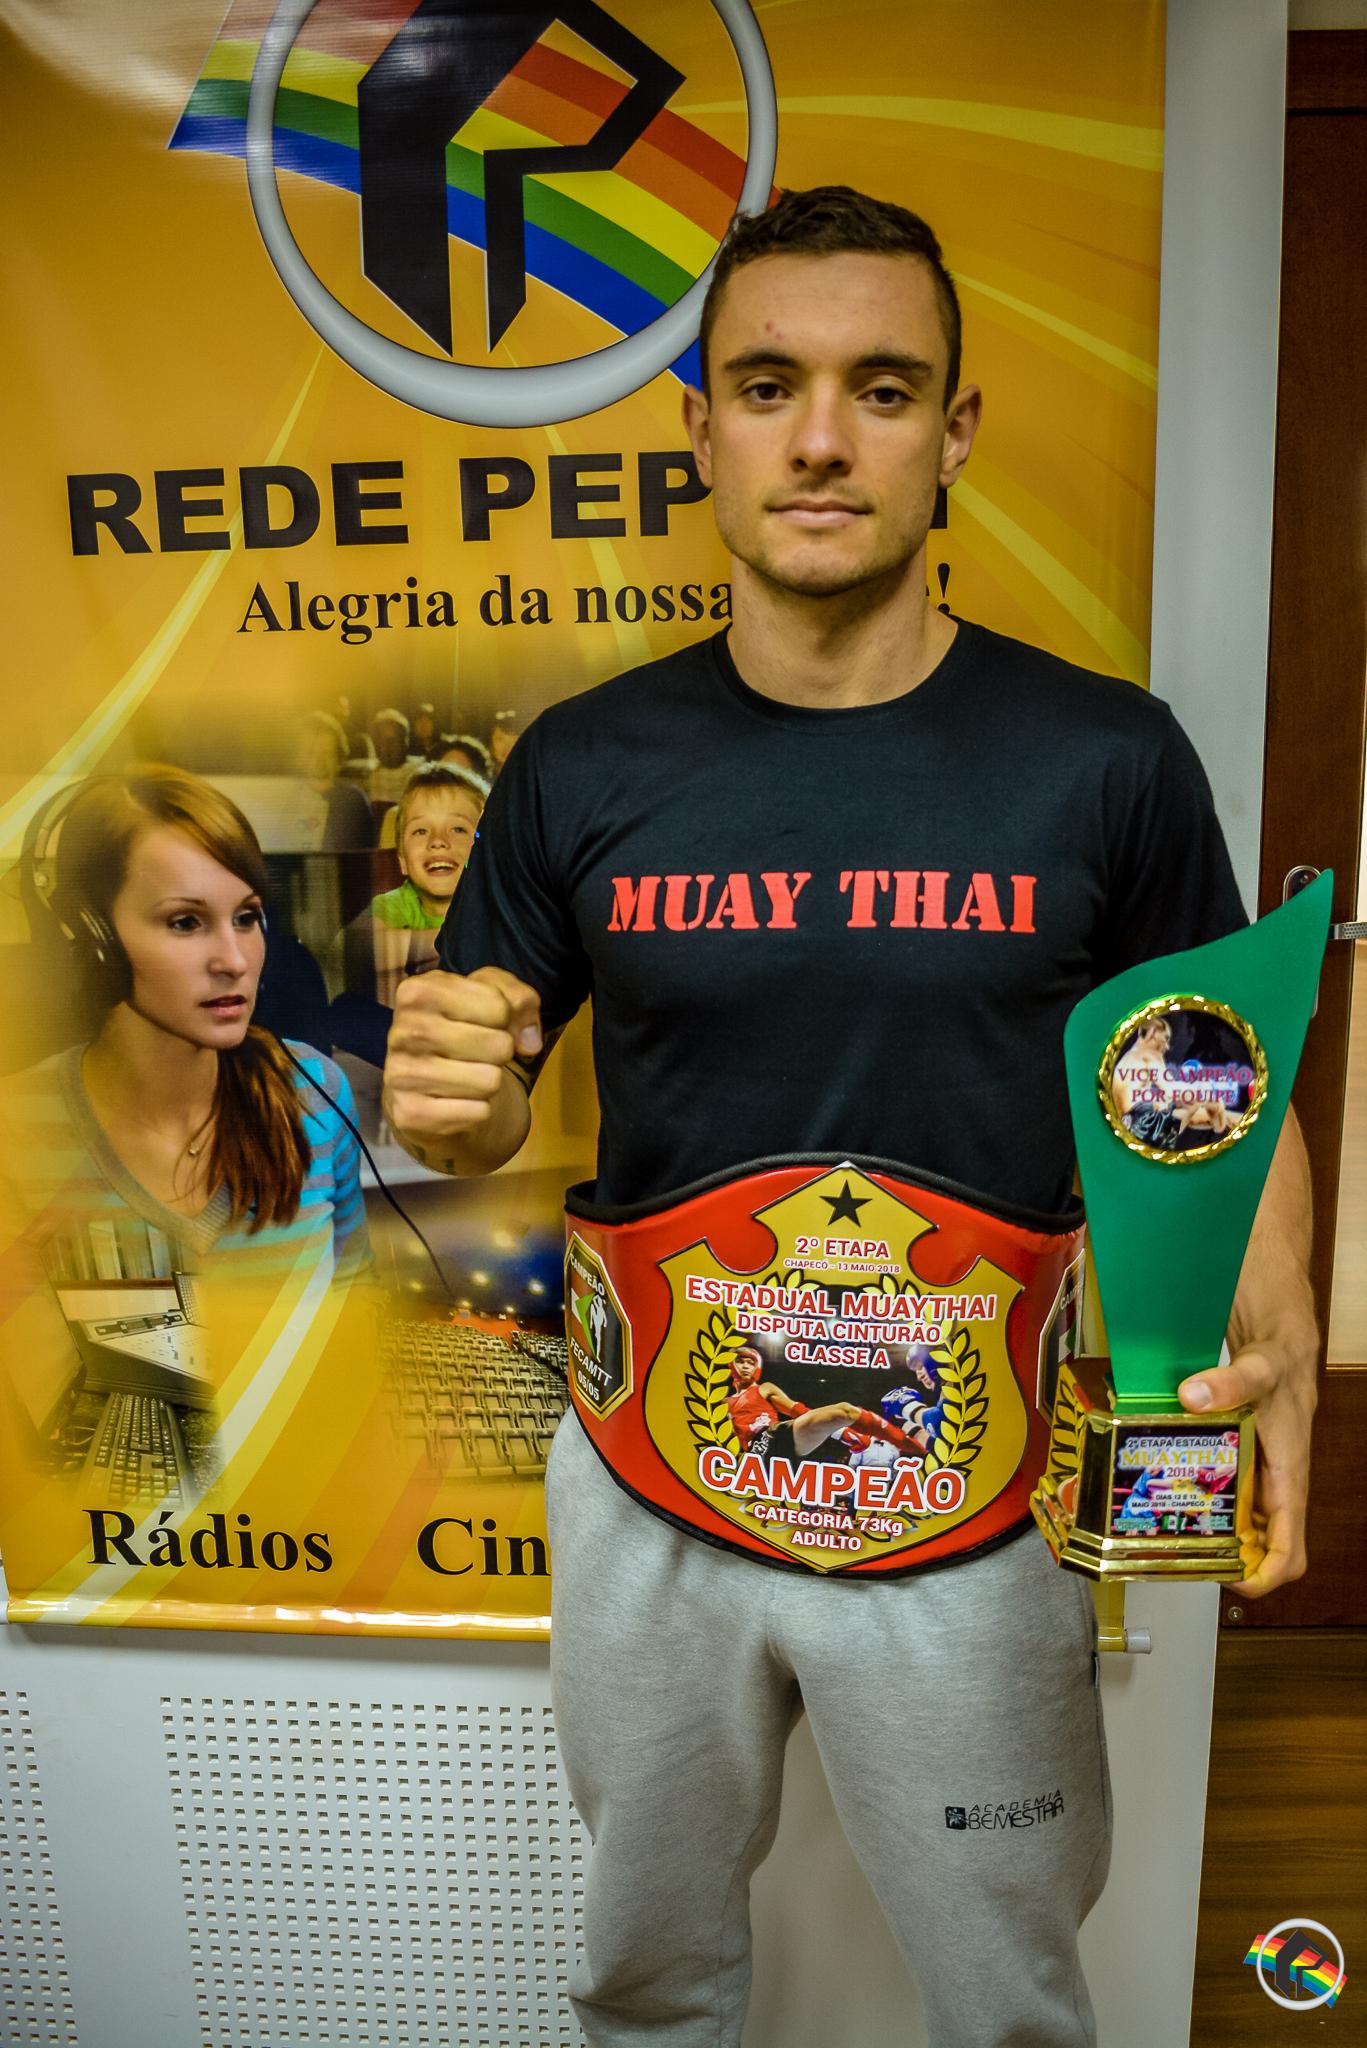 VÍDEO: Atleta de São Miguel do Oeste conquista cinturão de Muay Thai